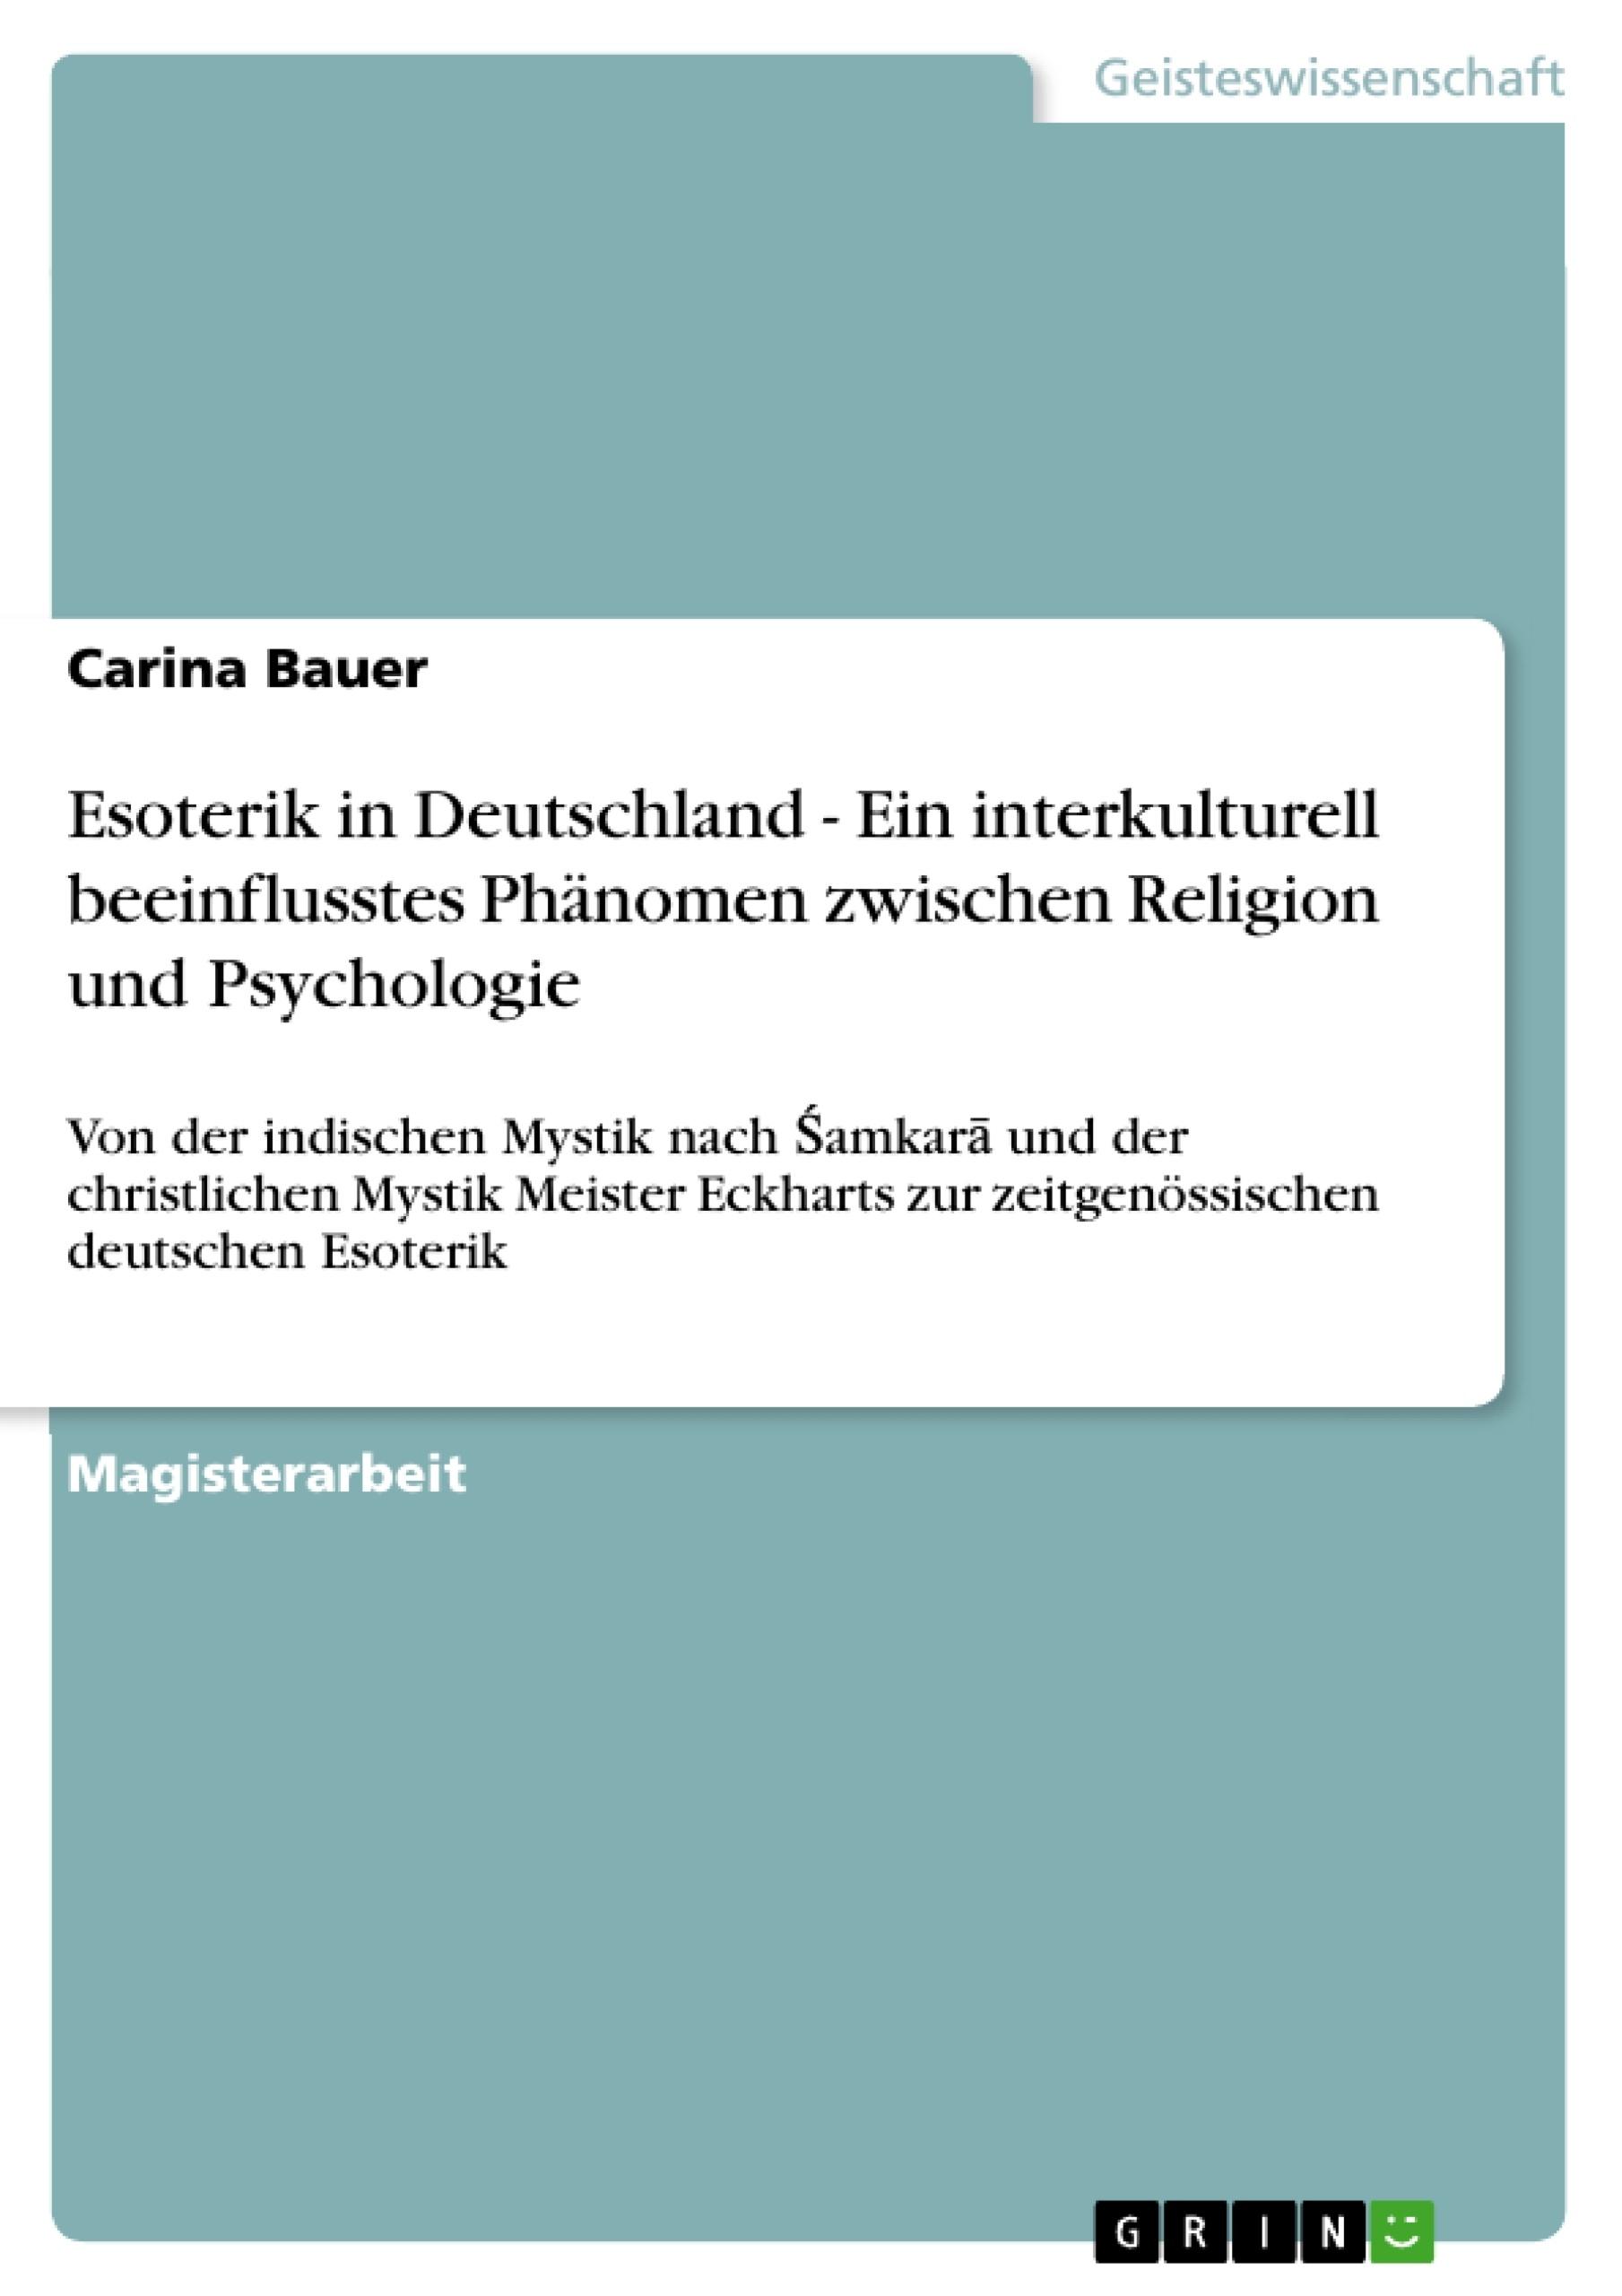 Titel: Esoterik in Deutschland -  Ein interkulturell beeinflusstes Phänomen zwischen Religion und Psychologie